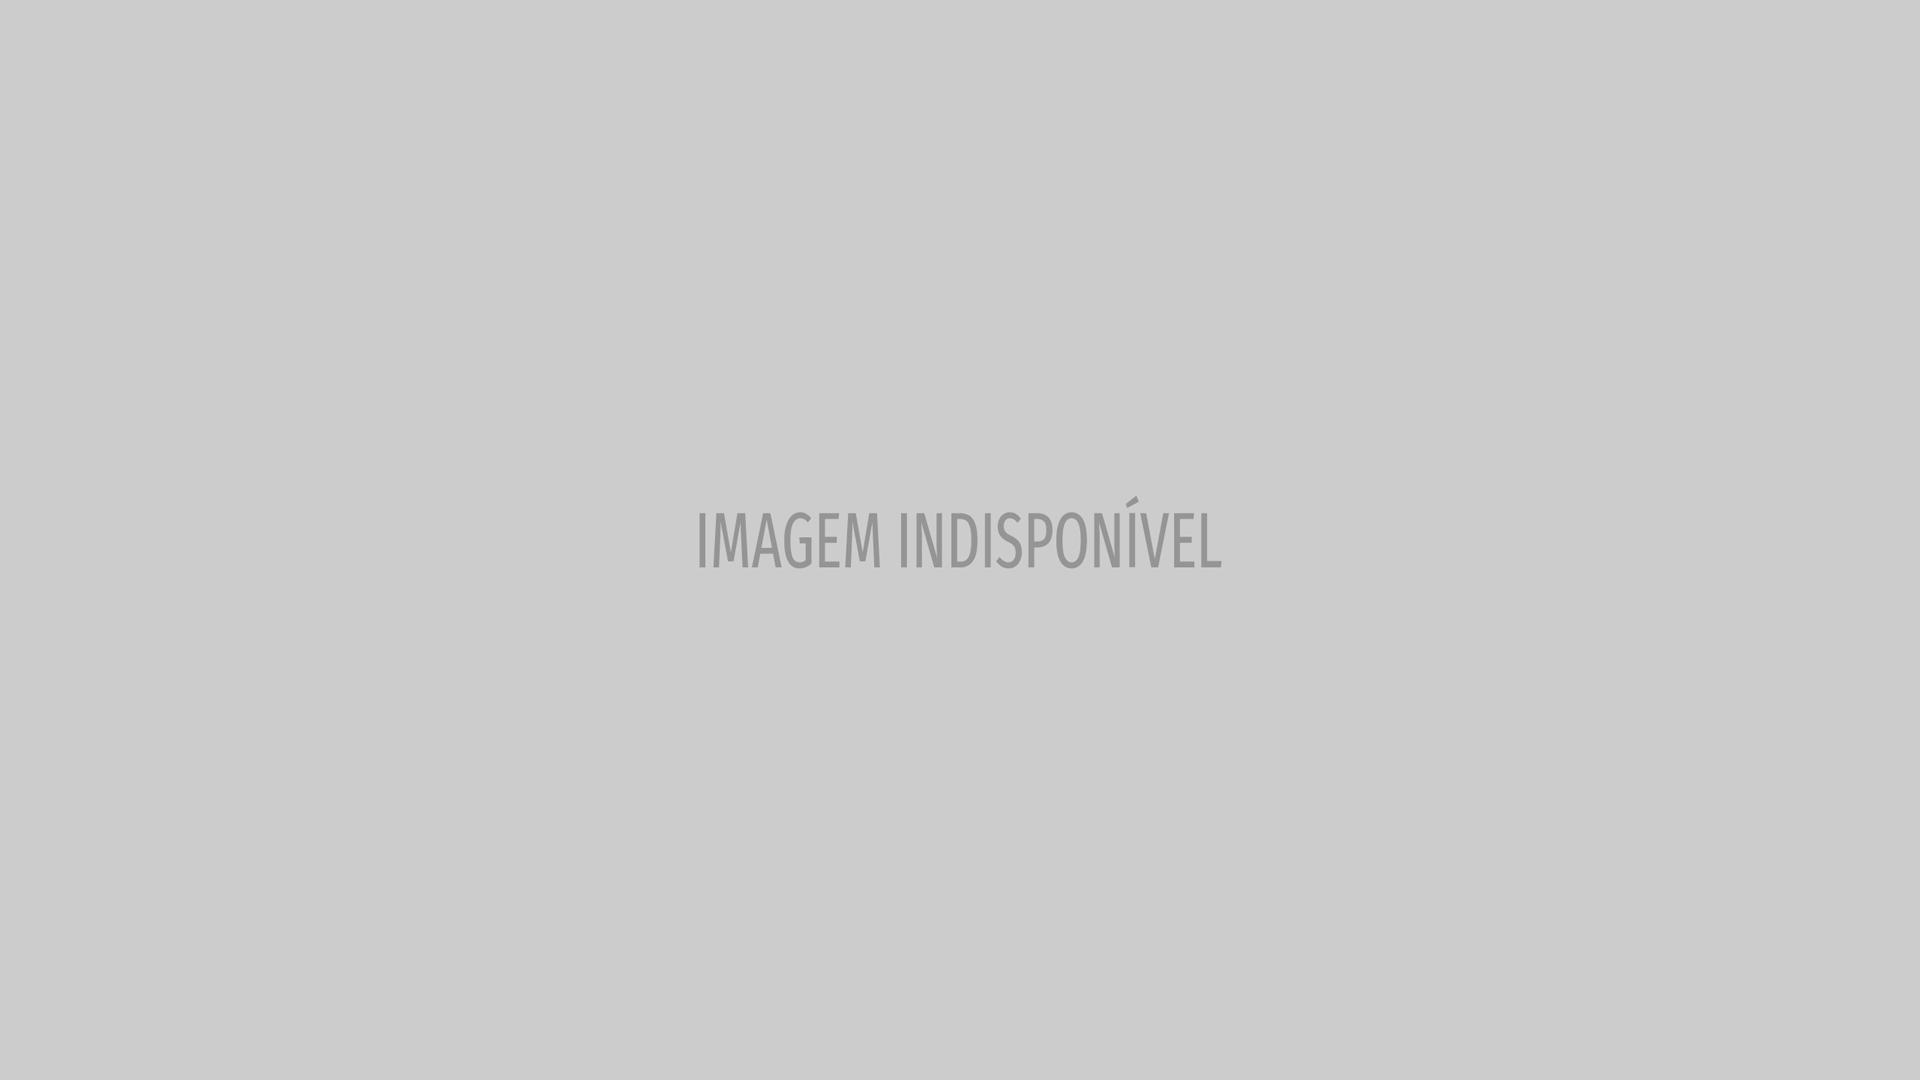 """Relembre alguns clubes que """"sumiram"""" da elite do futebol brasileiro"""